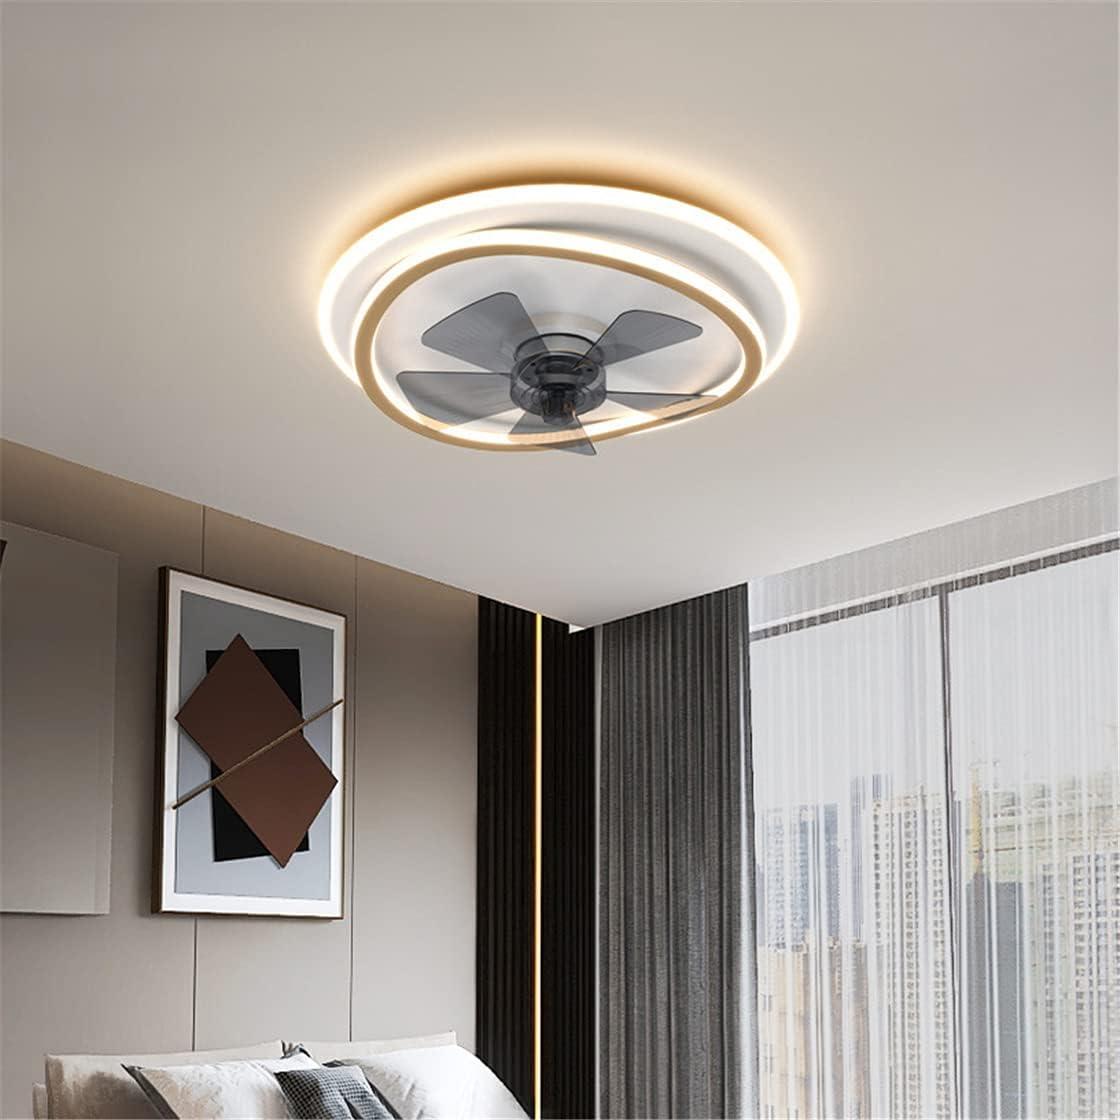 OMGPFR Lámpara de Techo con Ventilador silencioso, Iluminación Moderna de Ventiladores de Techo LED y Control Remoto Regulable 6 Luces de Velocidad del Viento Ajustables Lámpara pequeña